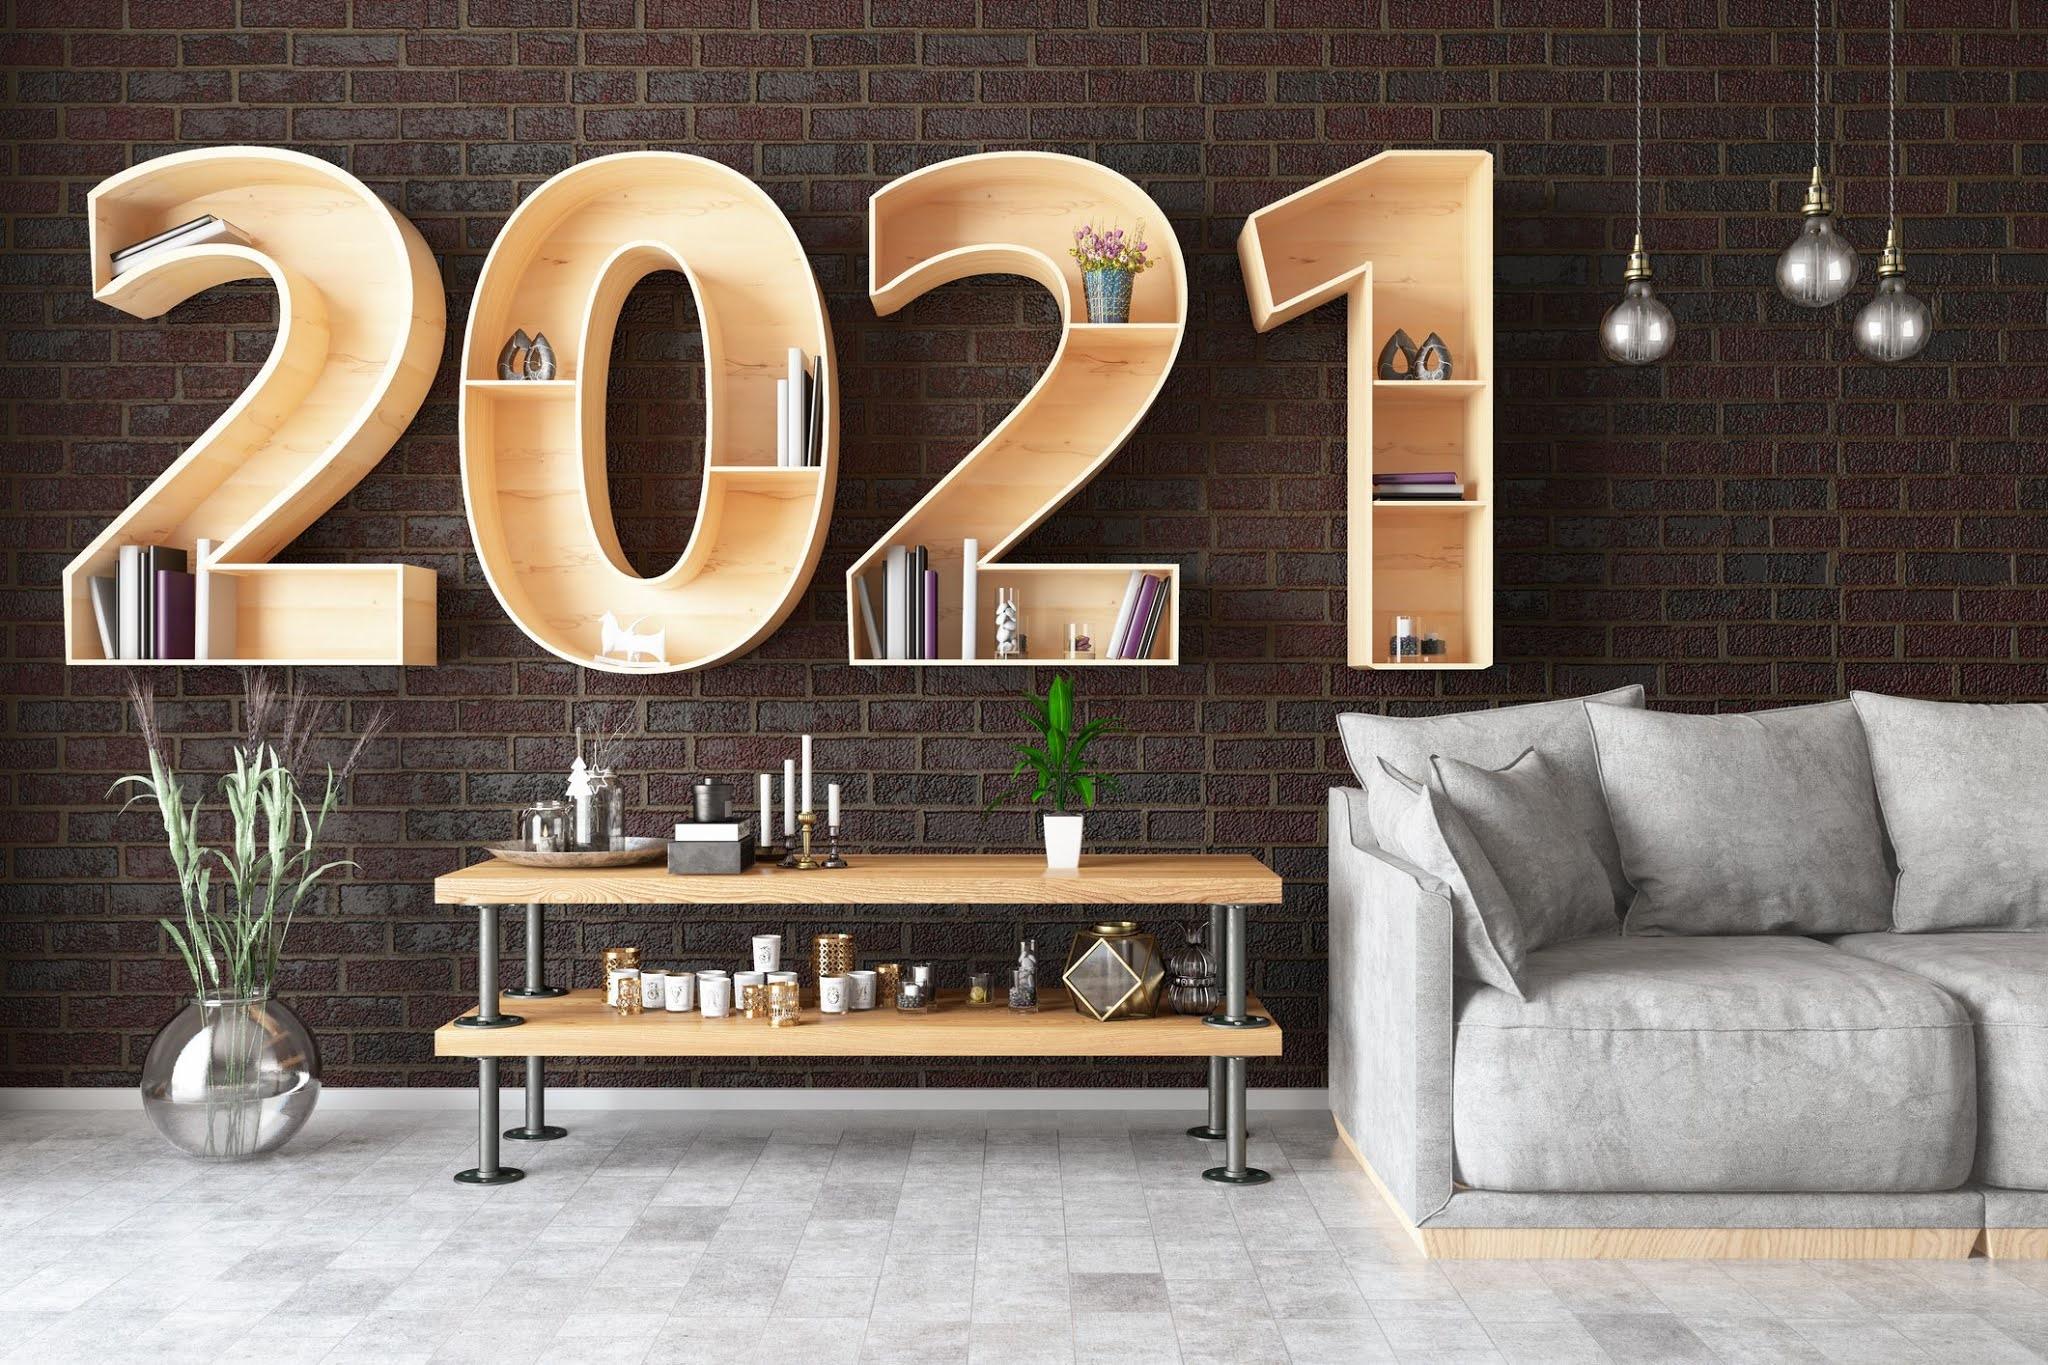 رسائل تهنئه بالعام الجديد ٢٠٢١